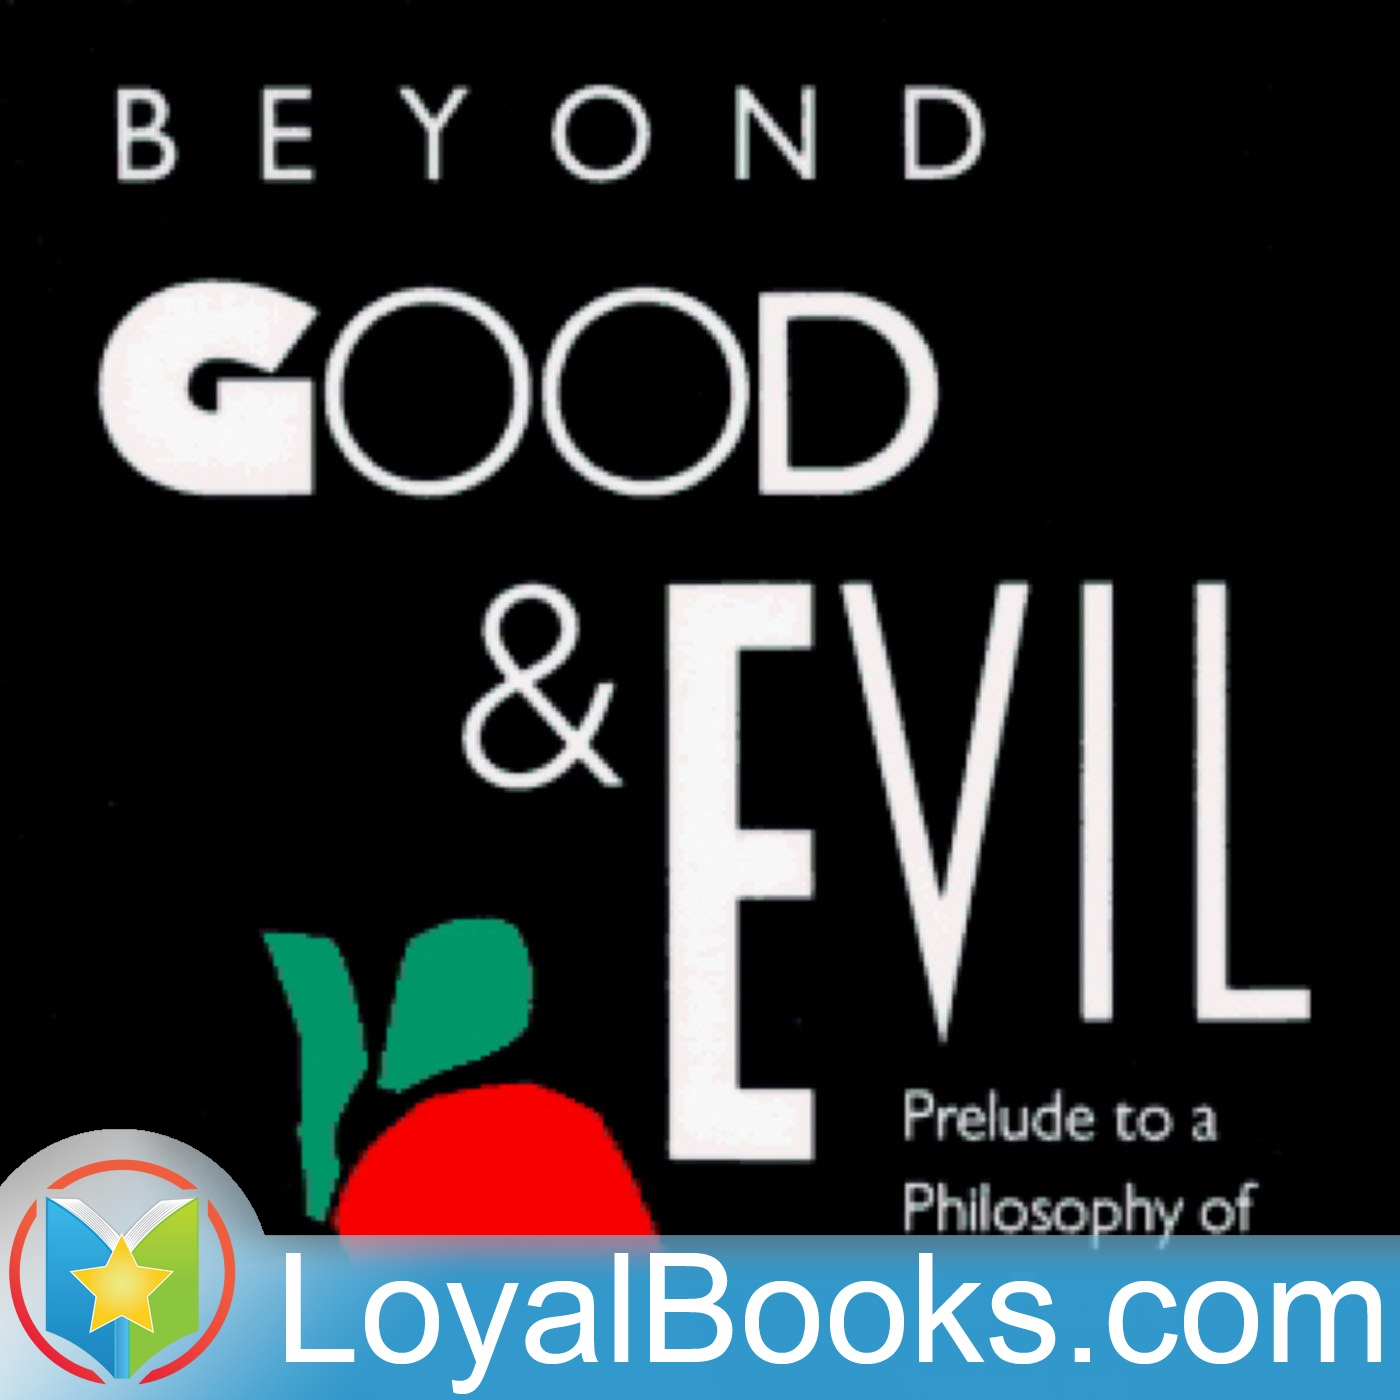 <![CDATA[Beyond Good and Evil by Friedrich Nietzsche]]>